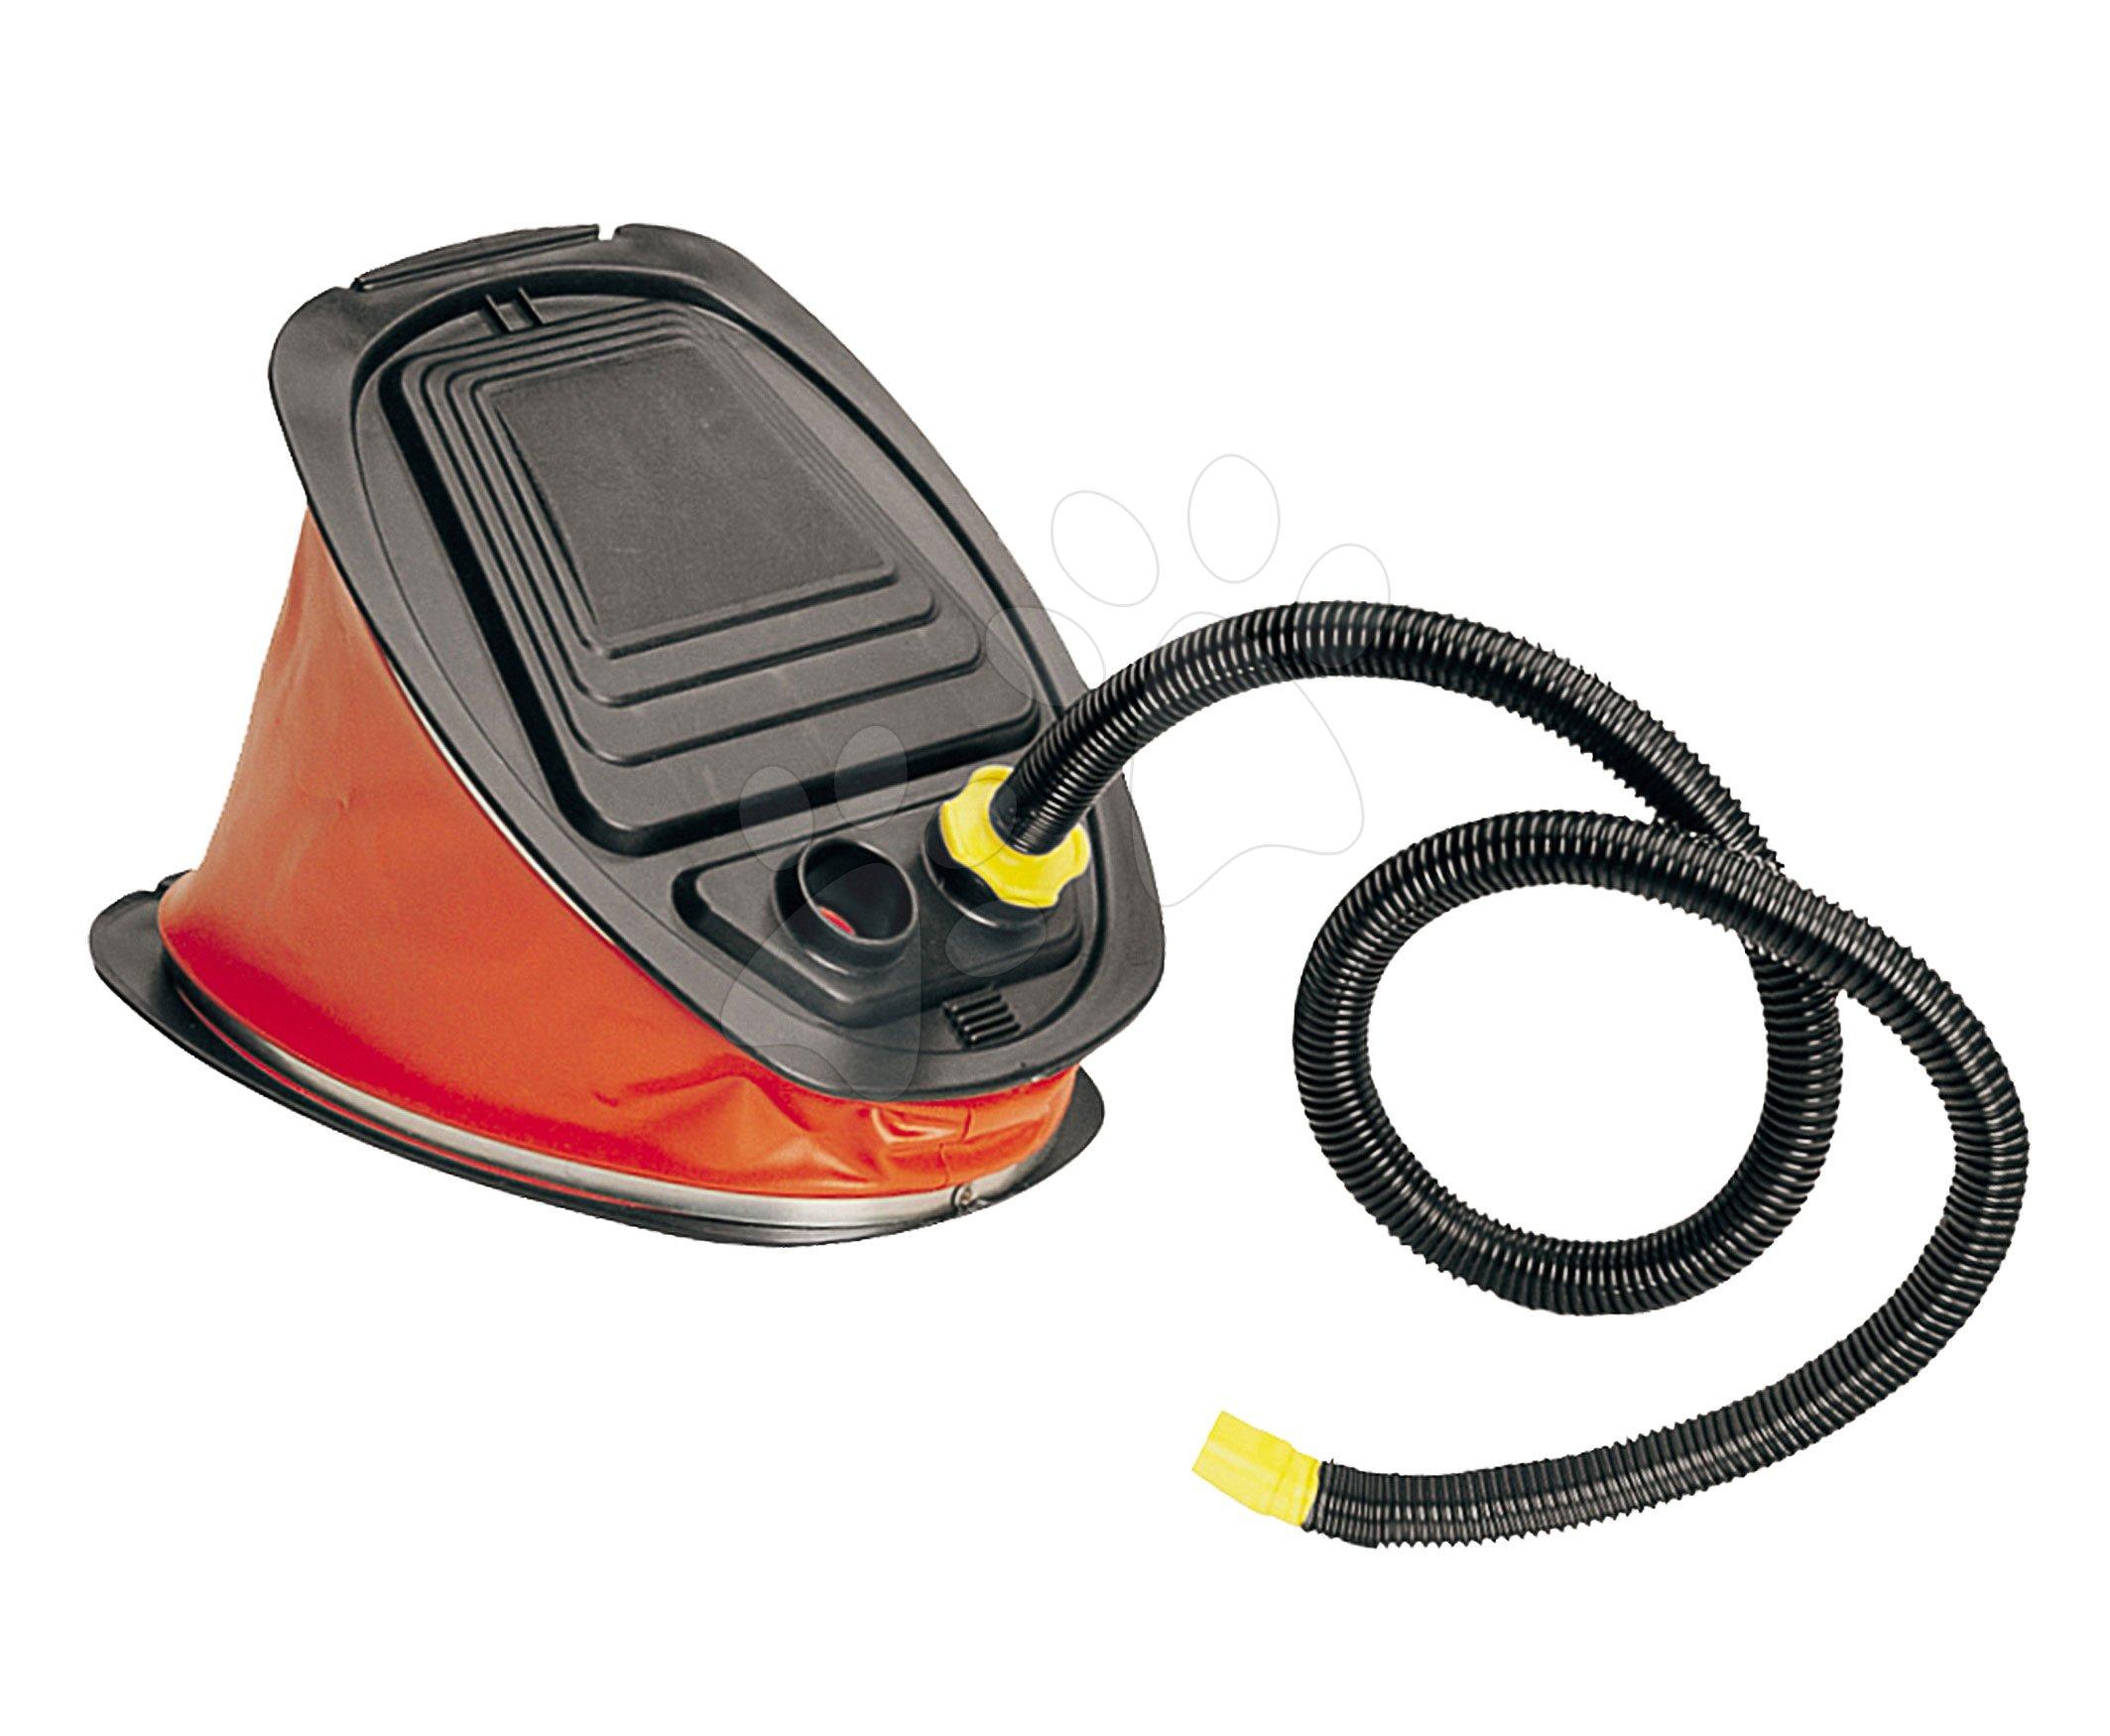 Pumpa nafukovací objem 3 litry 0,25 bar nožní s 3 ventily